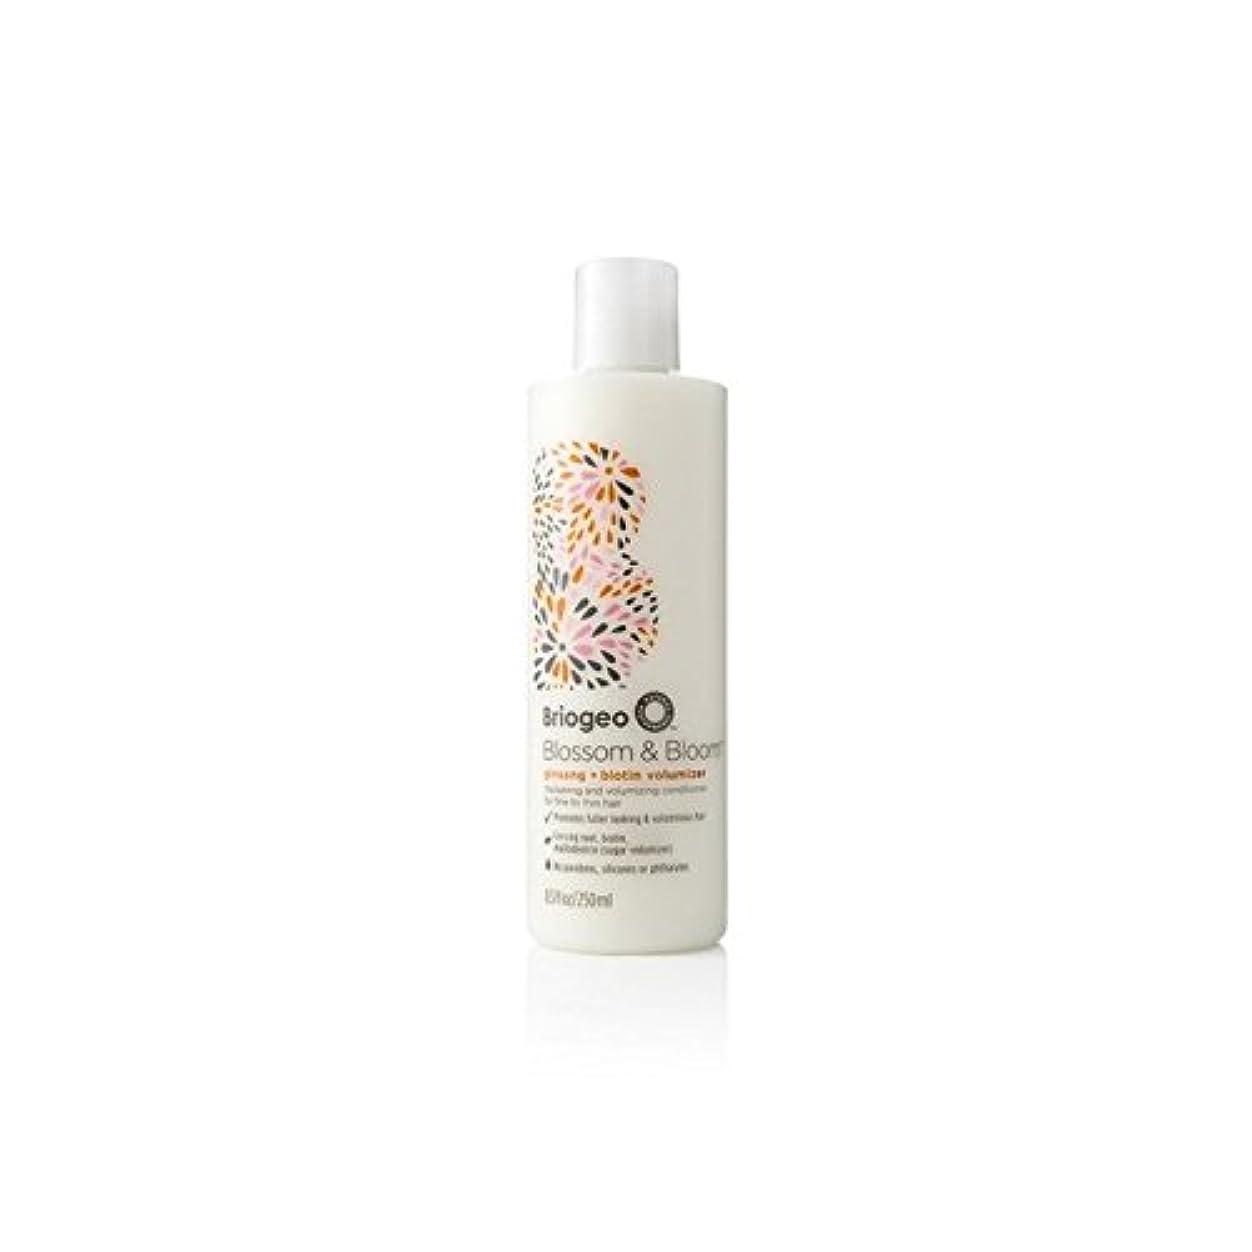 移植アート机Briogeo Blossom & Bloom Ginseng + Biotin Volumizing Conditioner (250ml) (Pack of 6) - 花&ブルーム人参+ビオチンボリューム化コンディショナー...